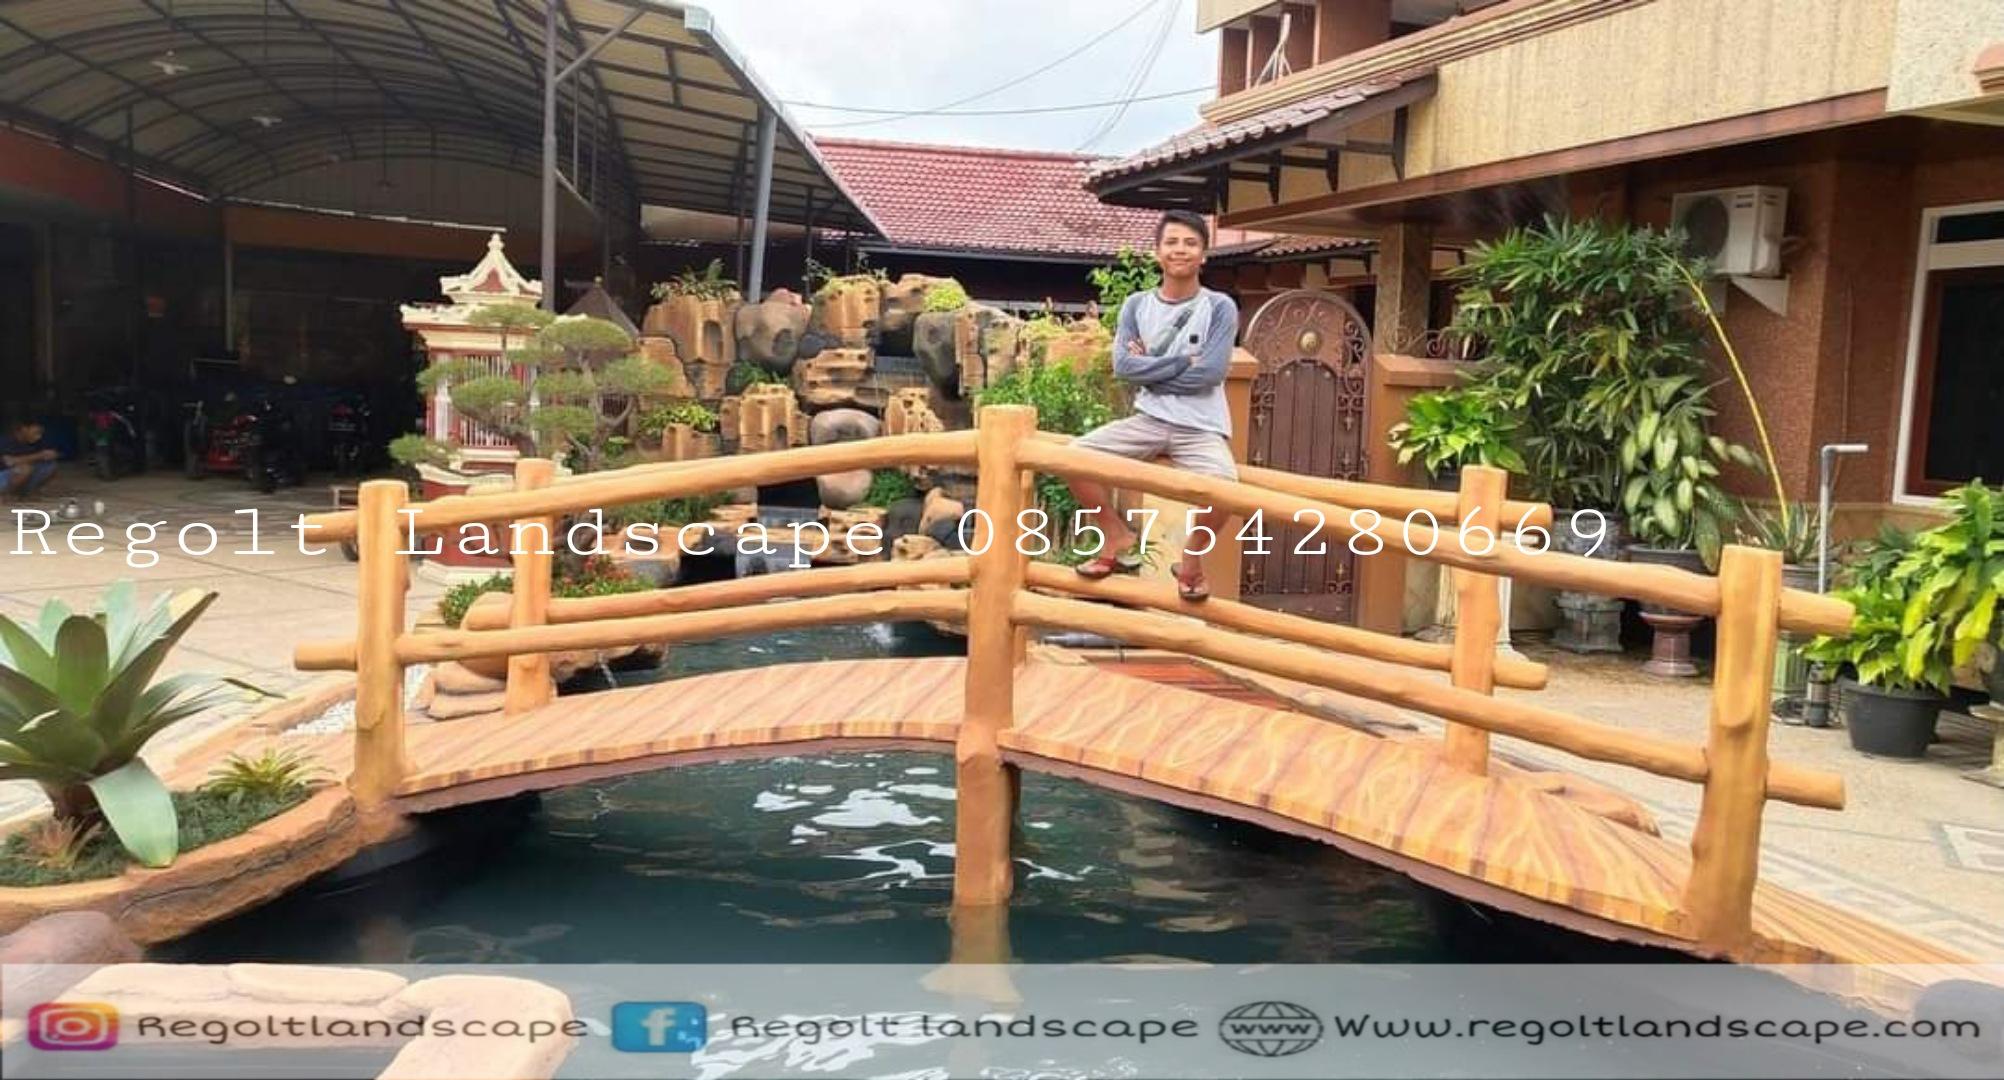 Tukang Kolam Minimalis - Koi Di Jakarta Barat - Selatan - Utara - Timur - Pusat